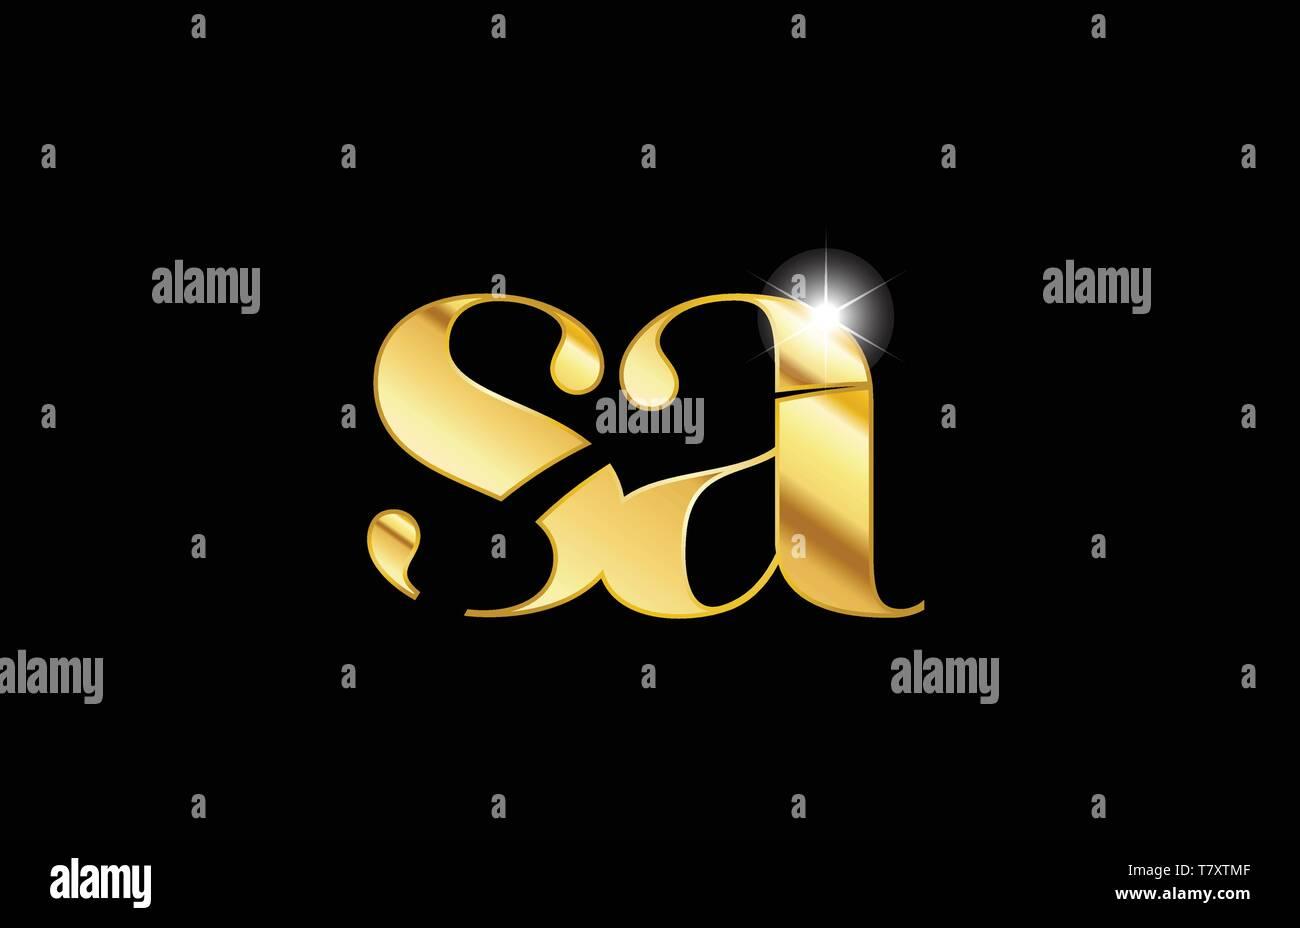 gold golden metal metallic alphabet letter sa s a logo icon design for a company or business - Stock Vector